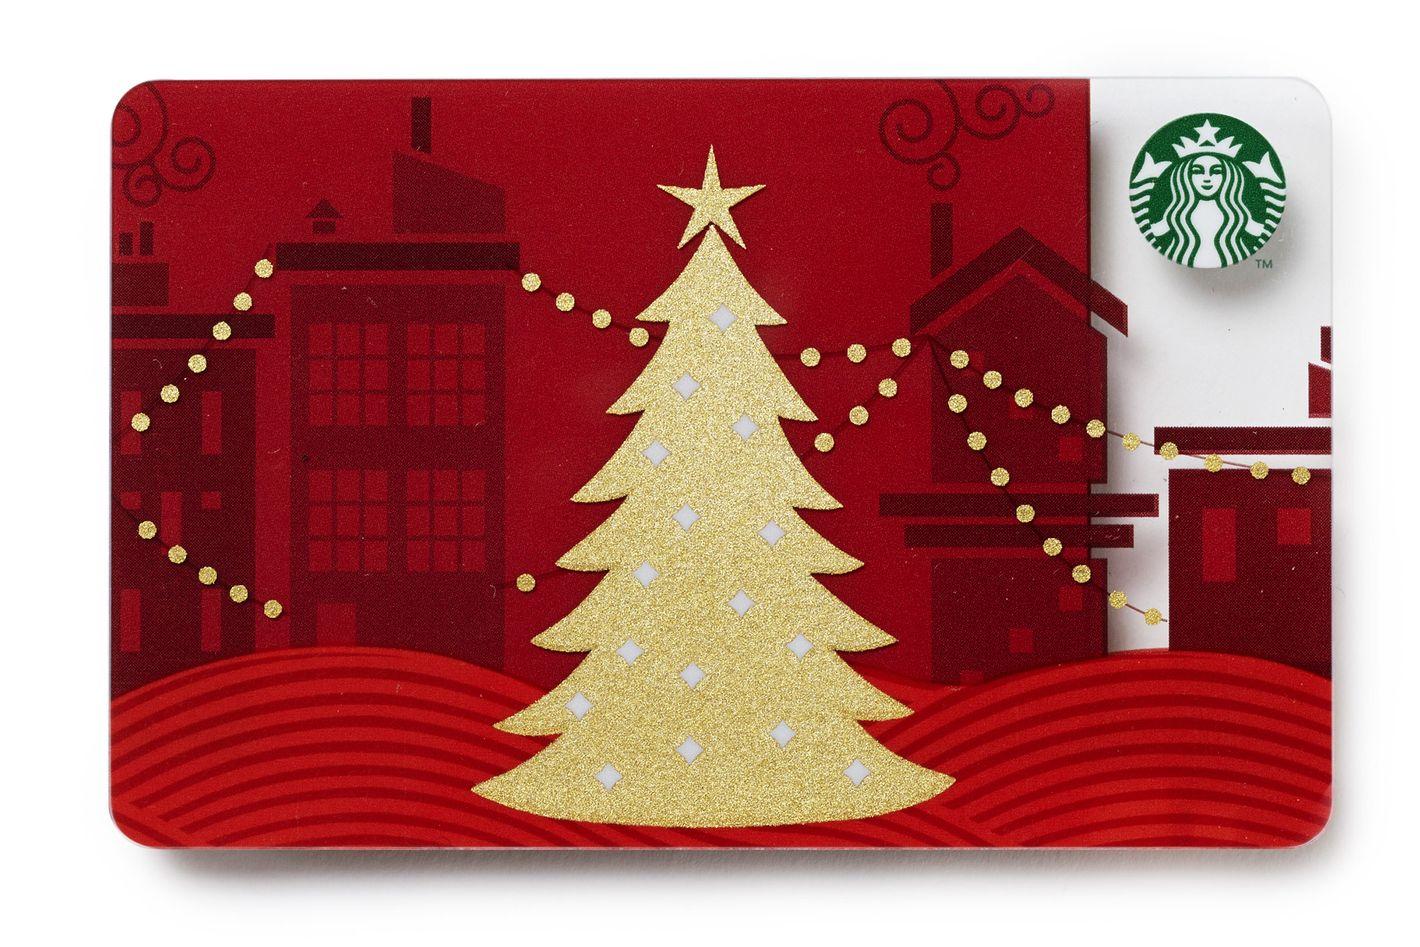 Desperate shoppers will buy 2 million starbucks gift cards on desperate shoppers will buy 2 million starbucks gift cards on christmas eve negle Choice Image